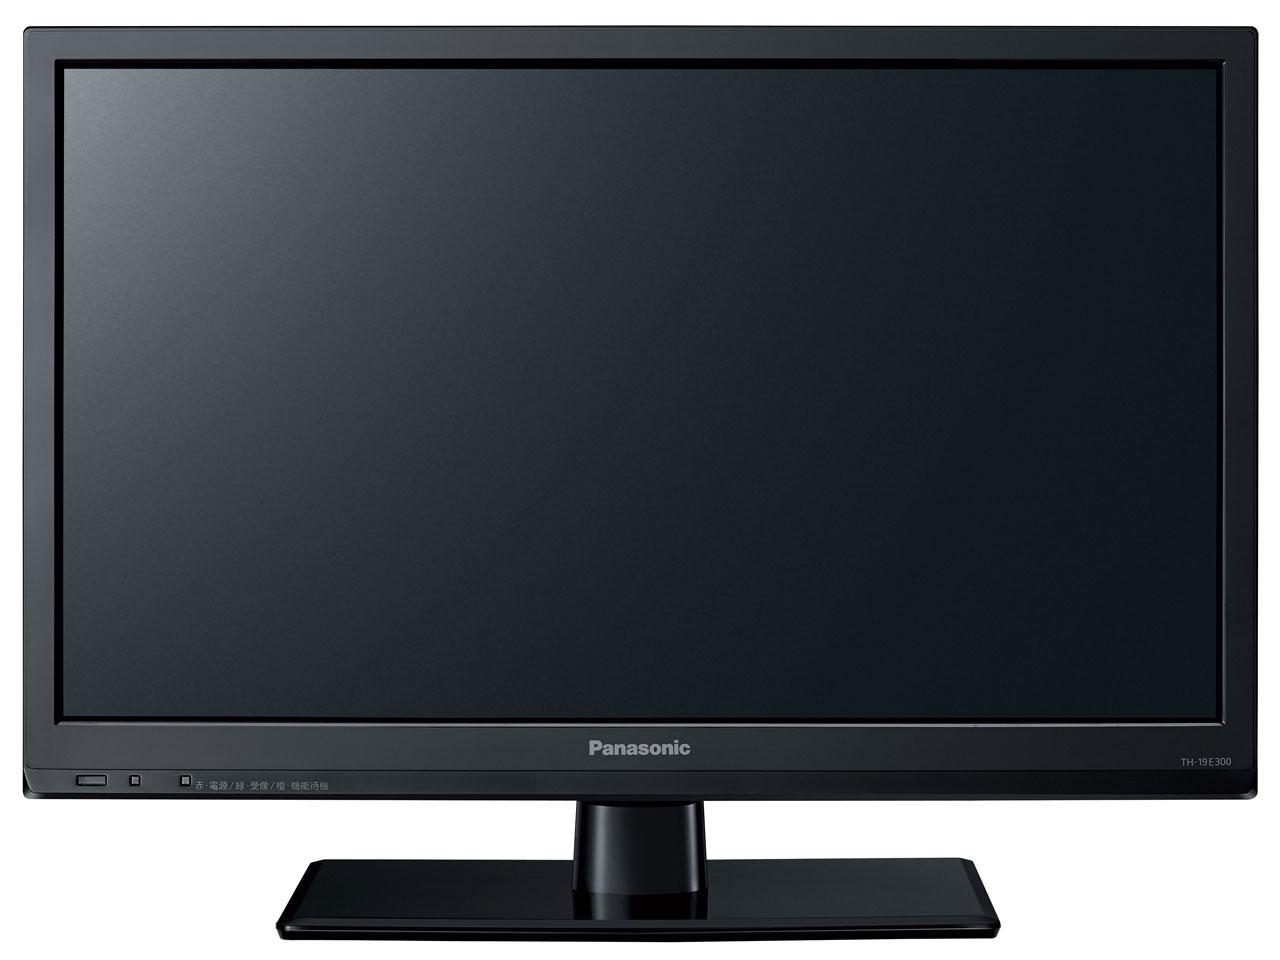 VIERA TH-19E300 [19インチ] の製品画像